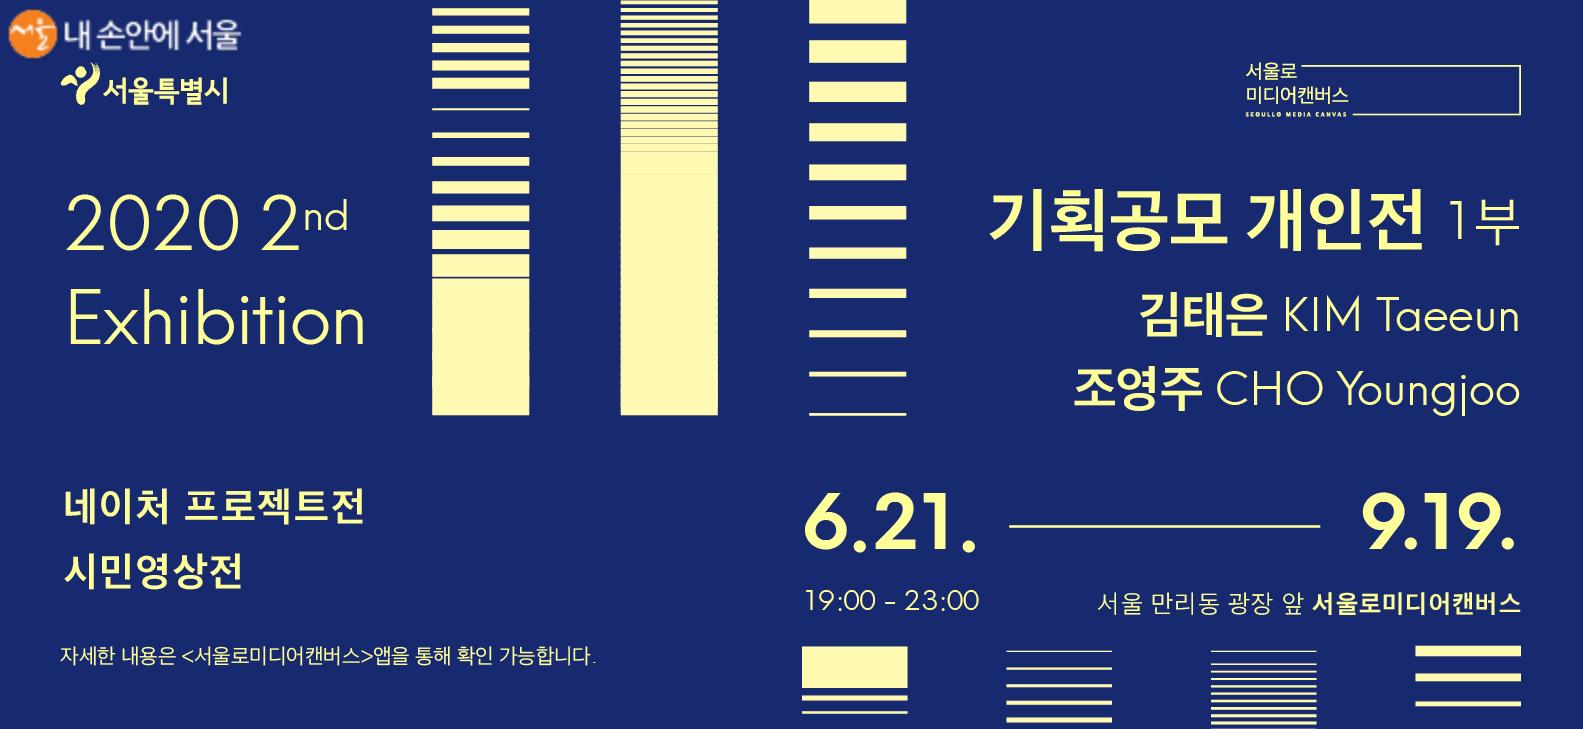 서울로 미디어캔버스에서 기획공모 개인전 1부가 진행되고 있다.